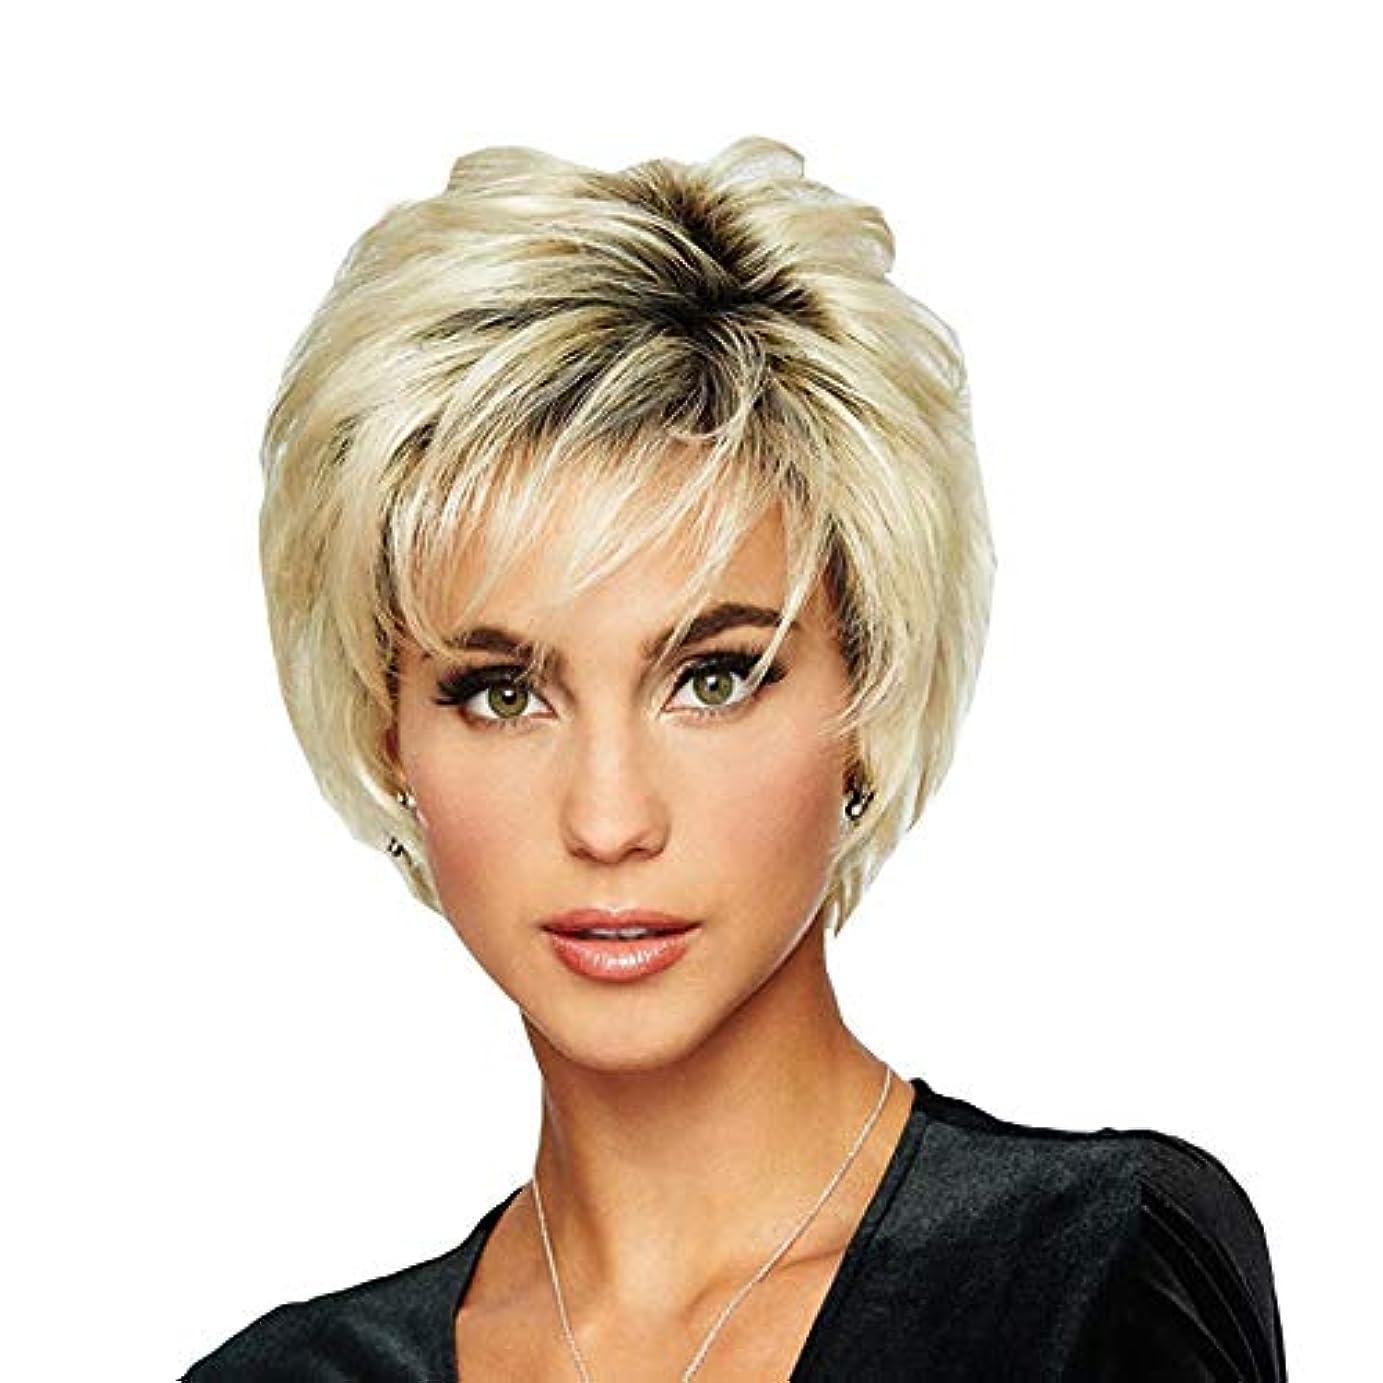 計算子比べるWASAIO レディースファッションショートビッグウェーブヘアー耐熱ウィッグ (色 : Blonde)